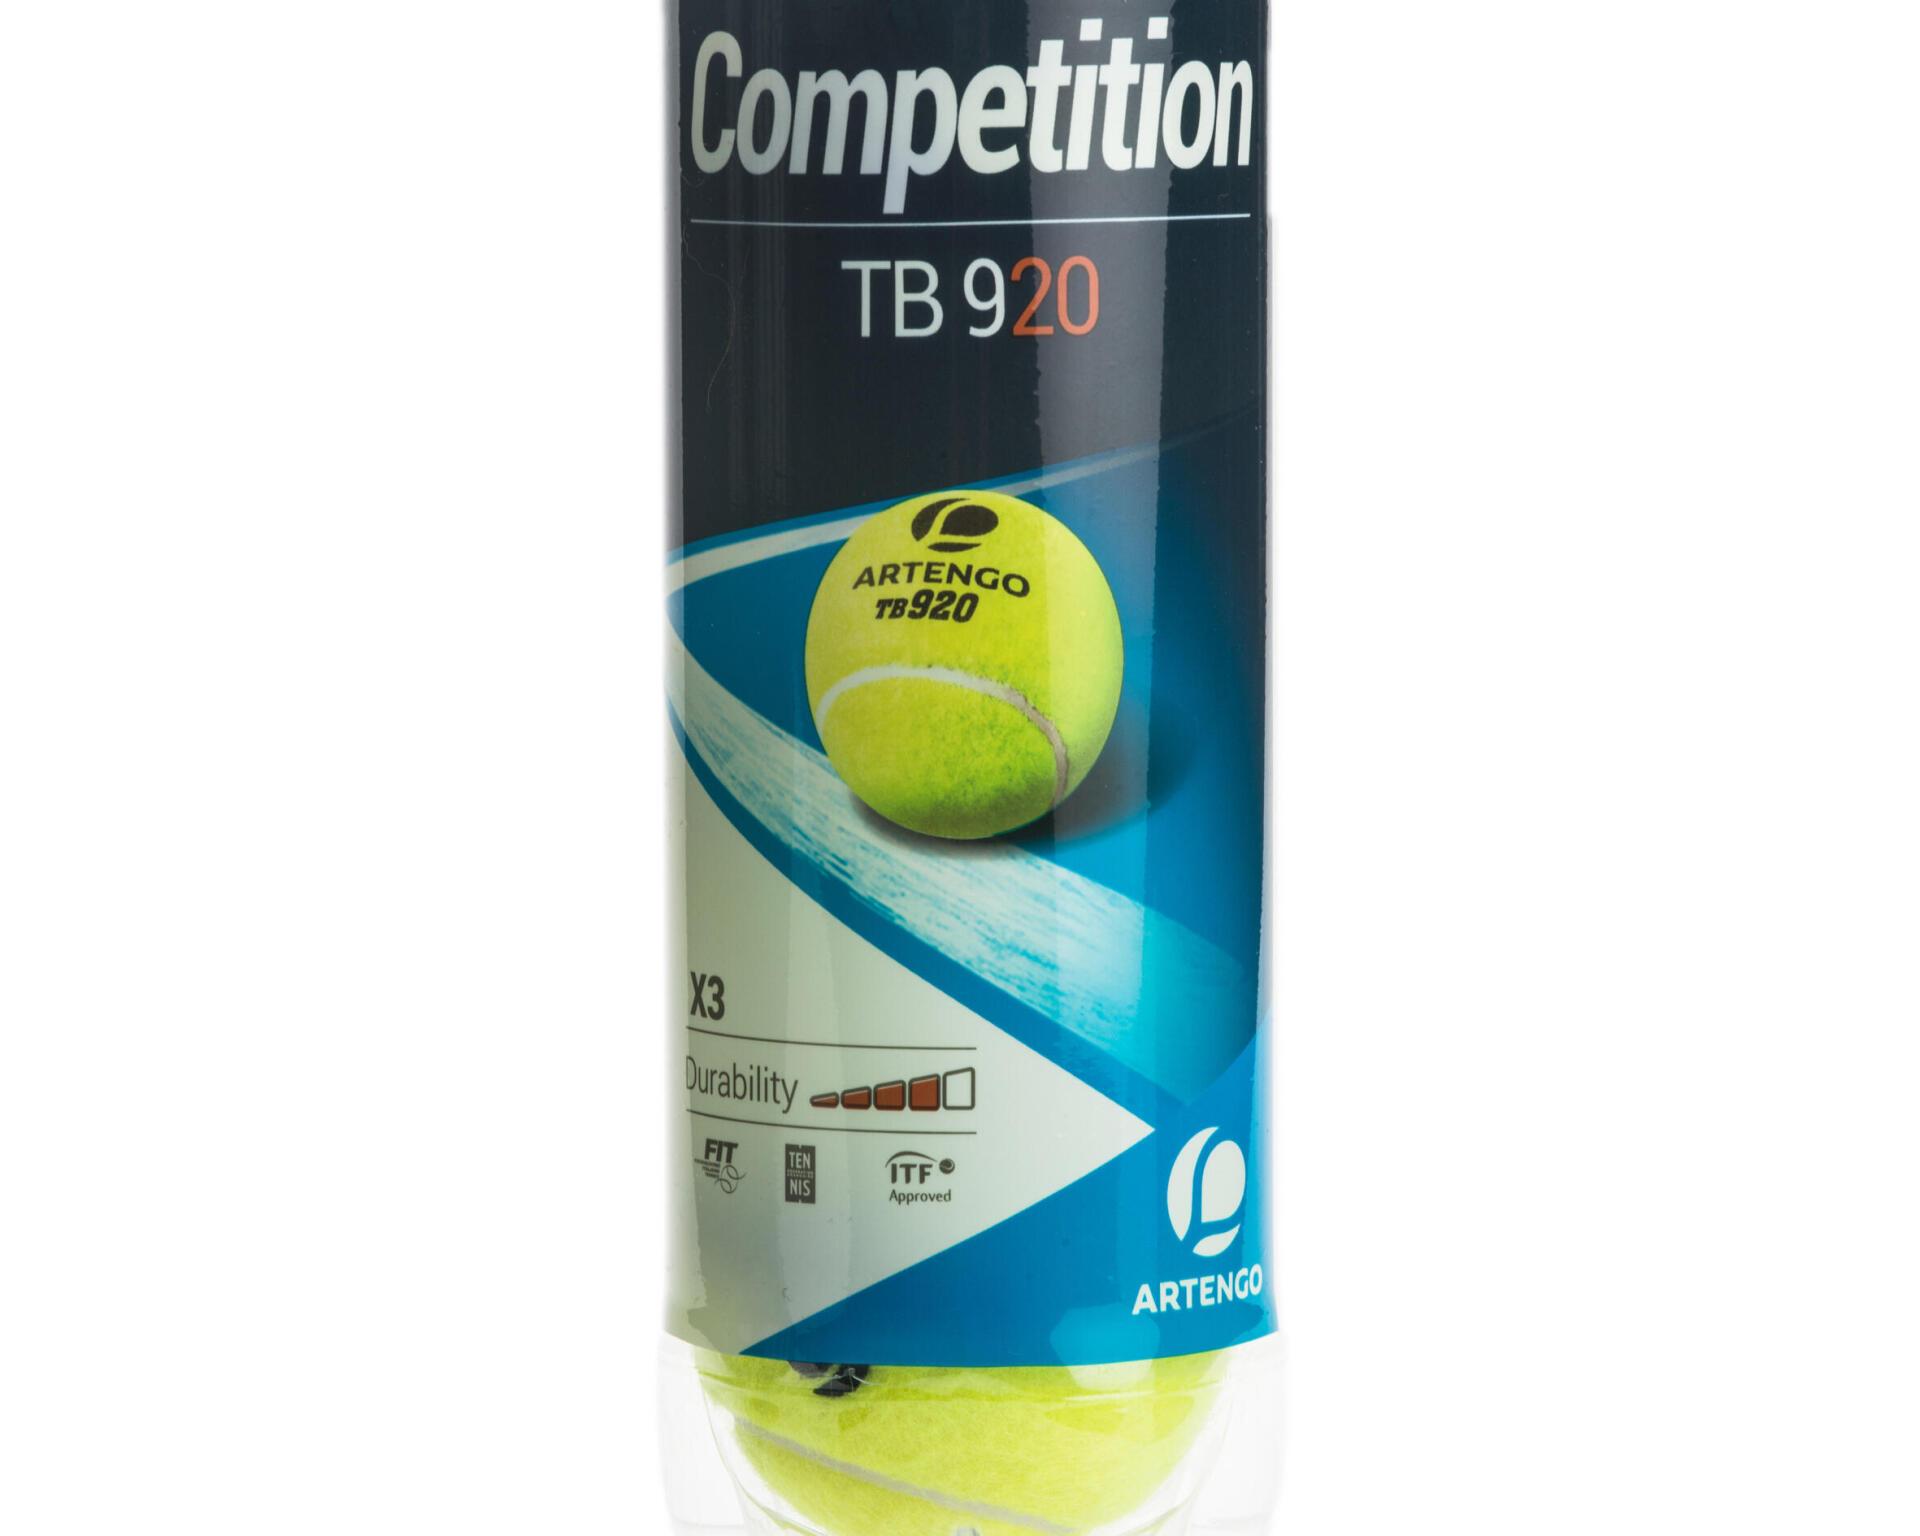 tb920 pressurised tennis ball